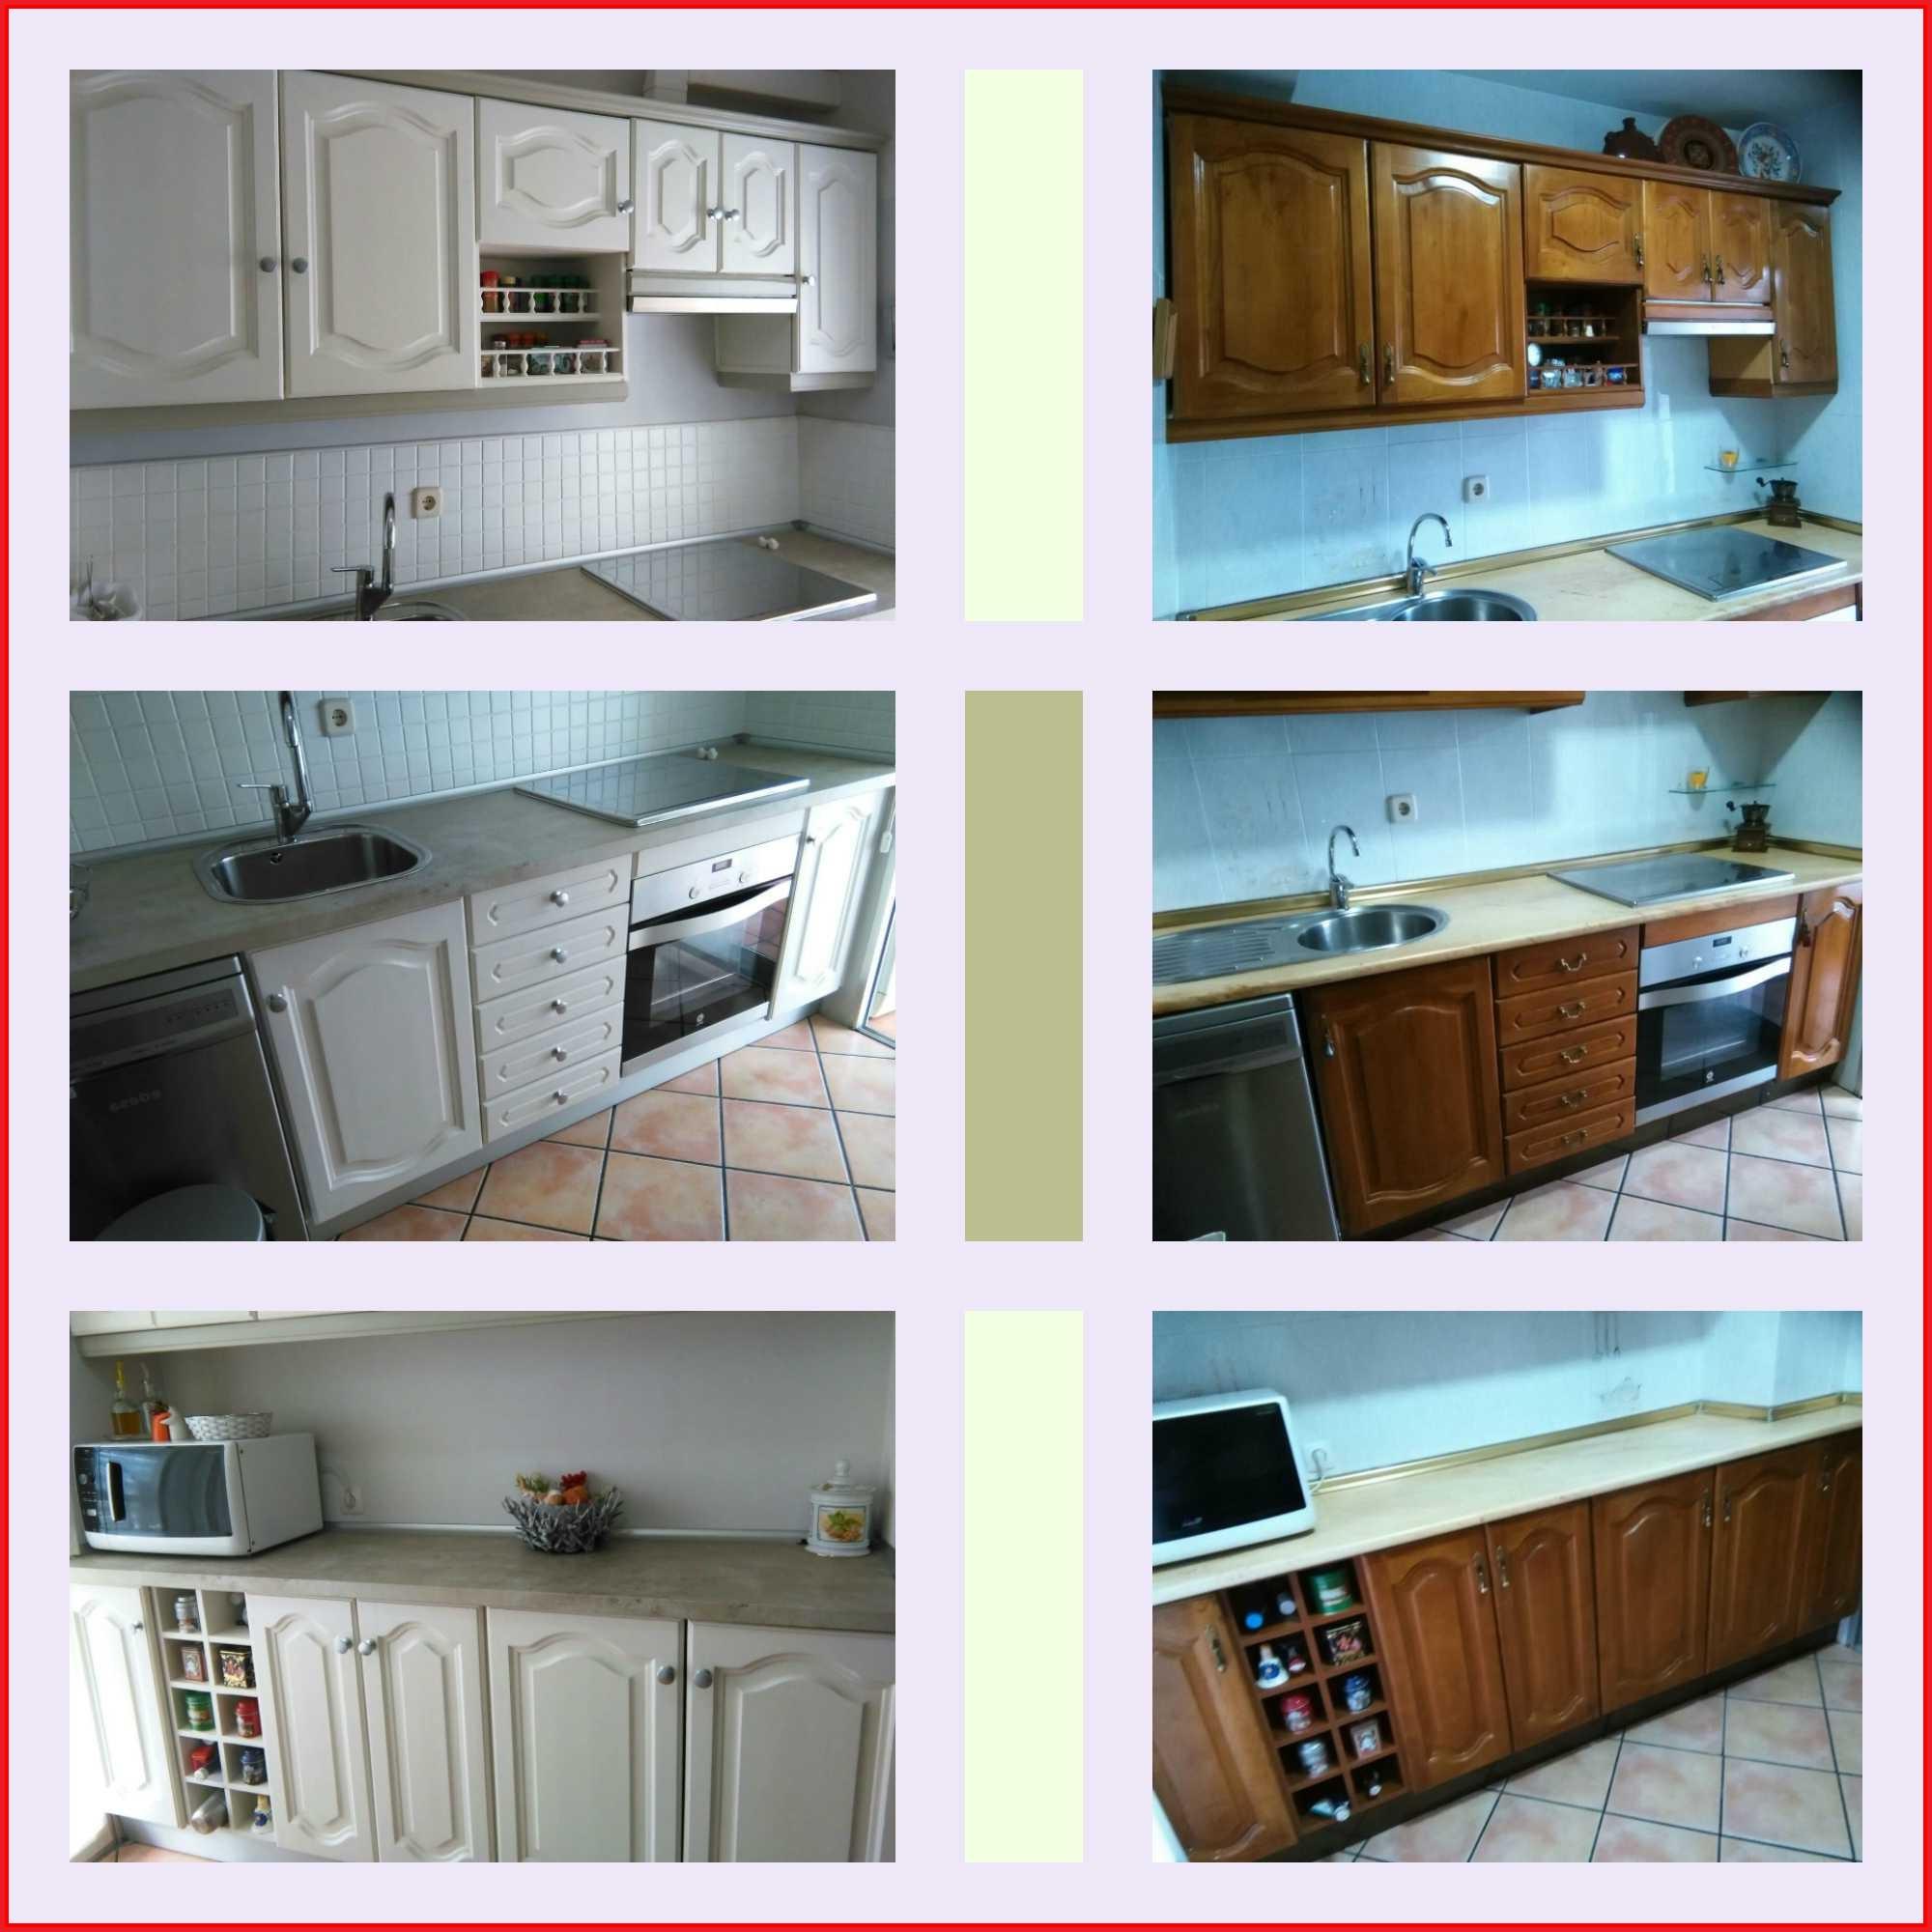 Muebles De Cocina Antiguos Tqd3 Muebles De Cocina Antiguos Muebles De Cocina Antiguos